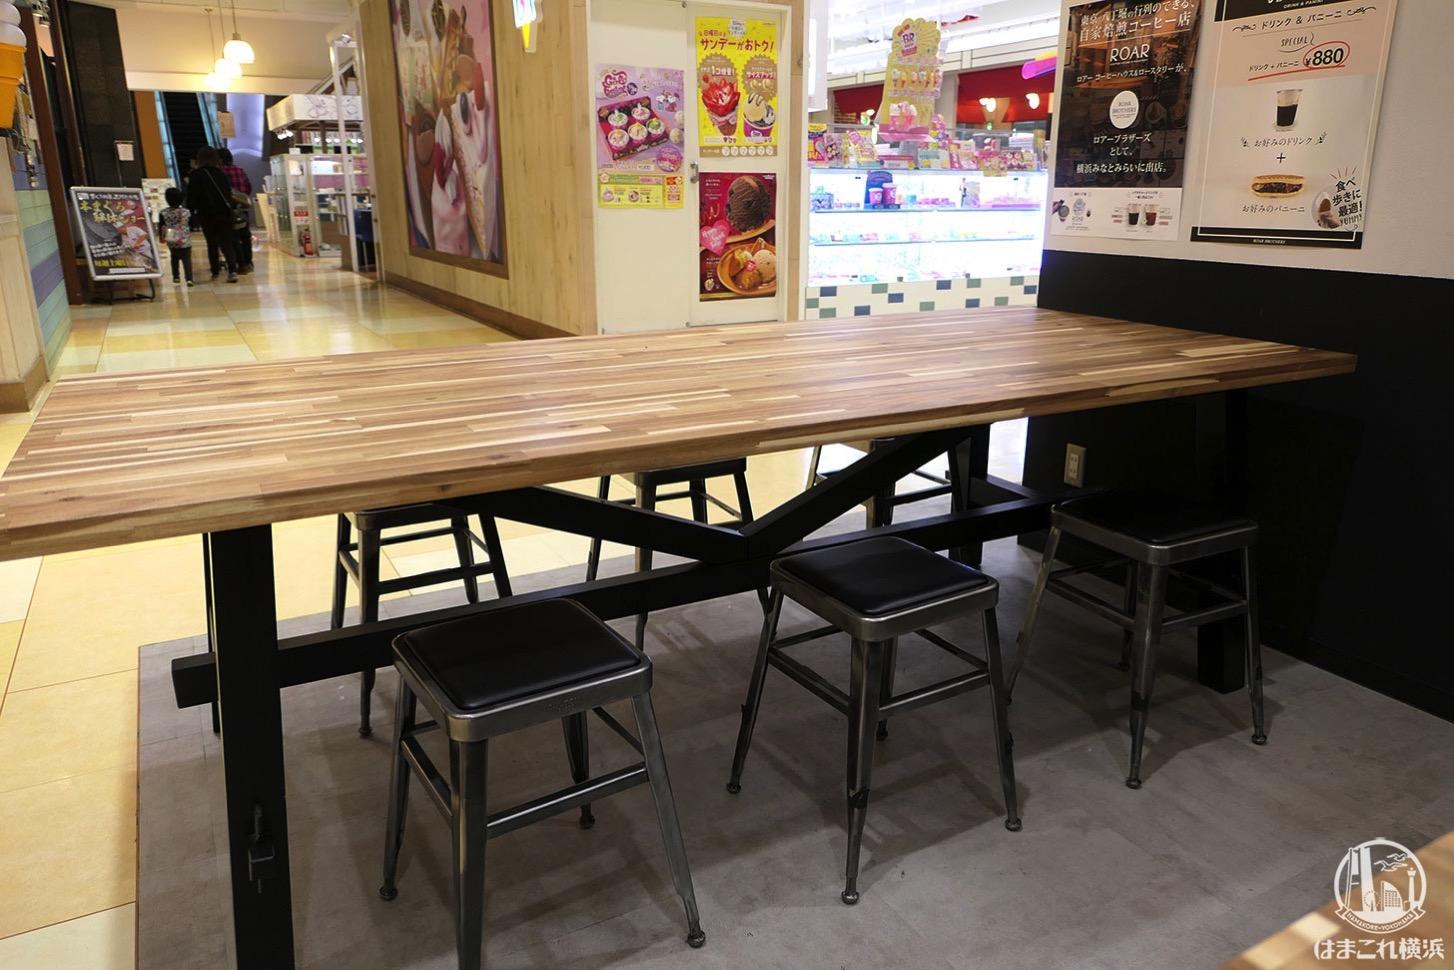 ロアーブラザーズ テーブル席